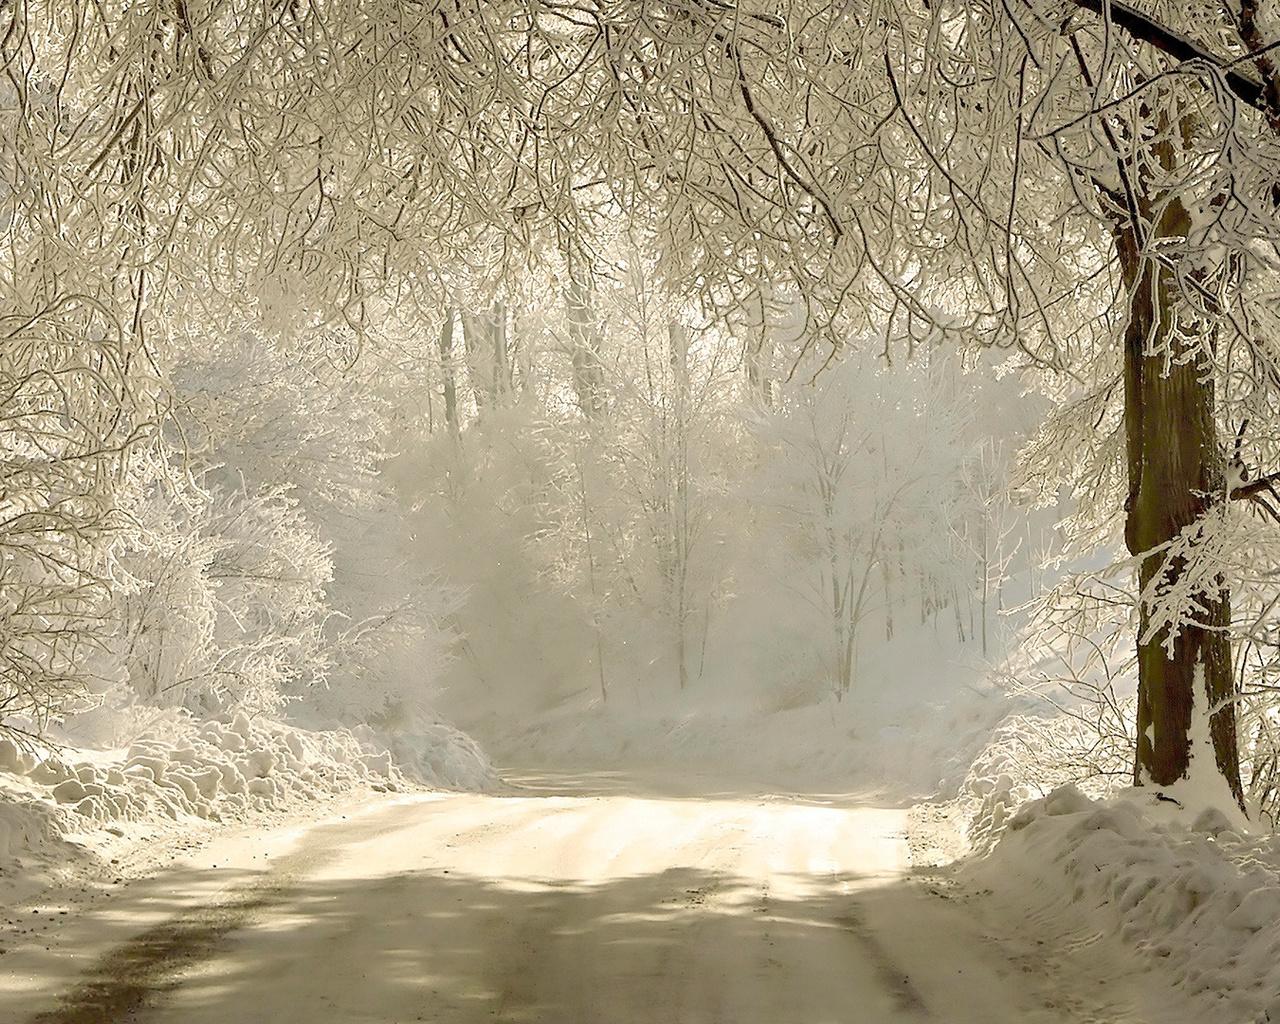 Зима, снег, свет, деревья, ветки, дорога, природа